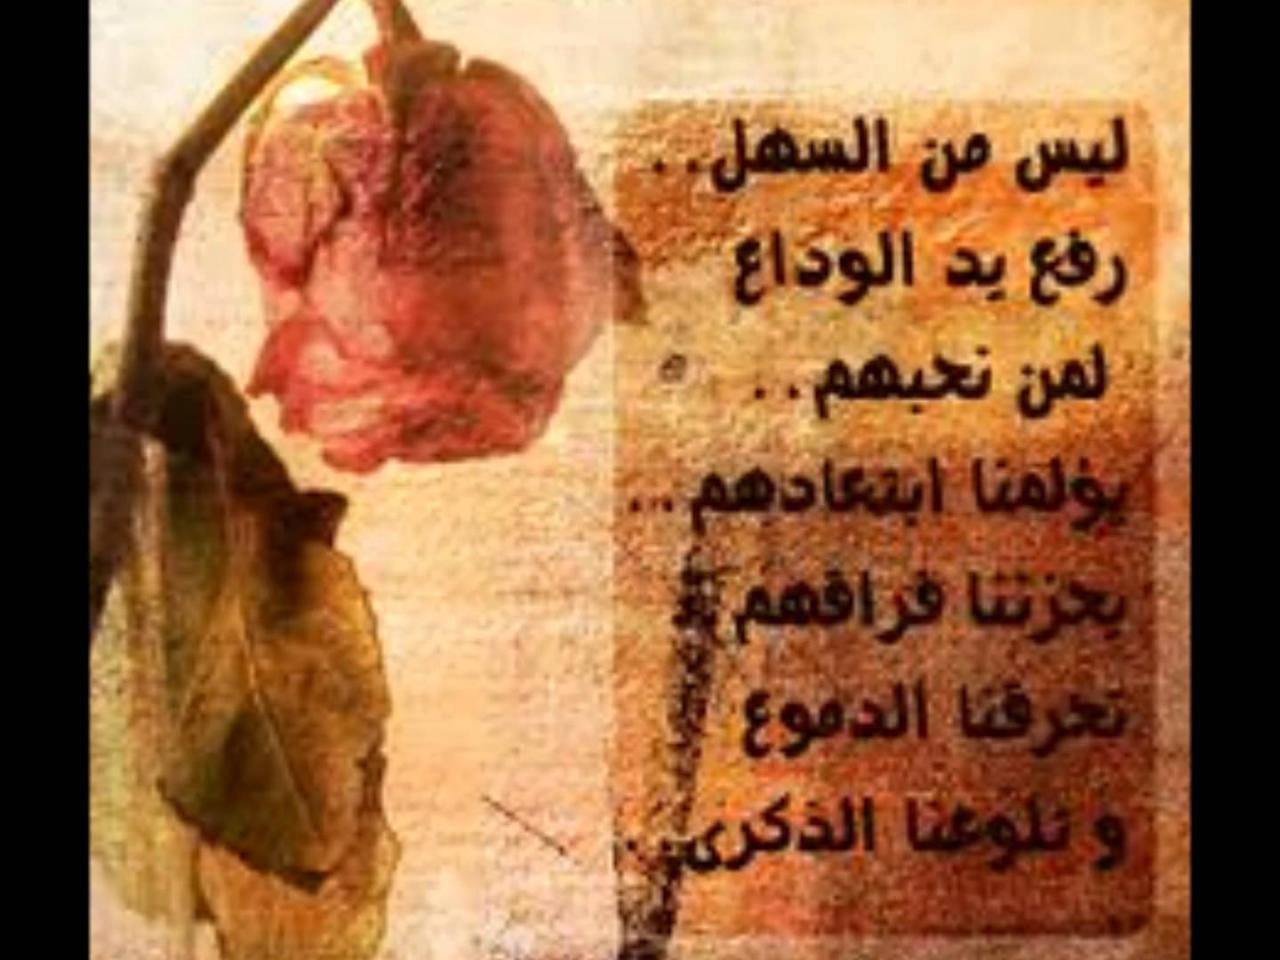 صورة بطاقات وداع الاصدقاء , كروت دعوة بكلمات قوية عن فراق بين الصحاب 1500 1